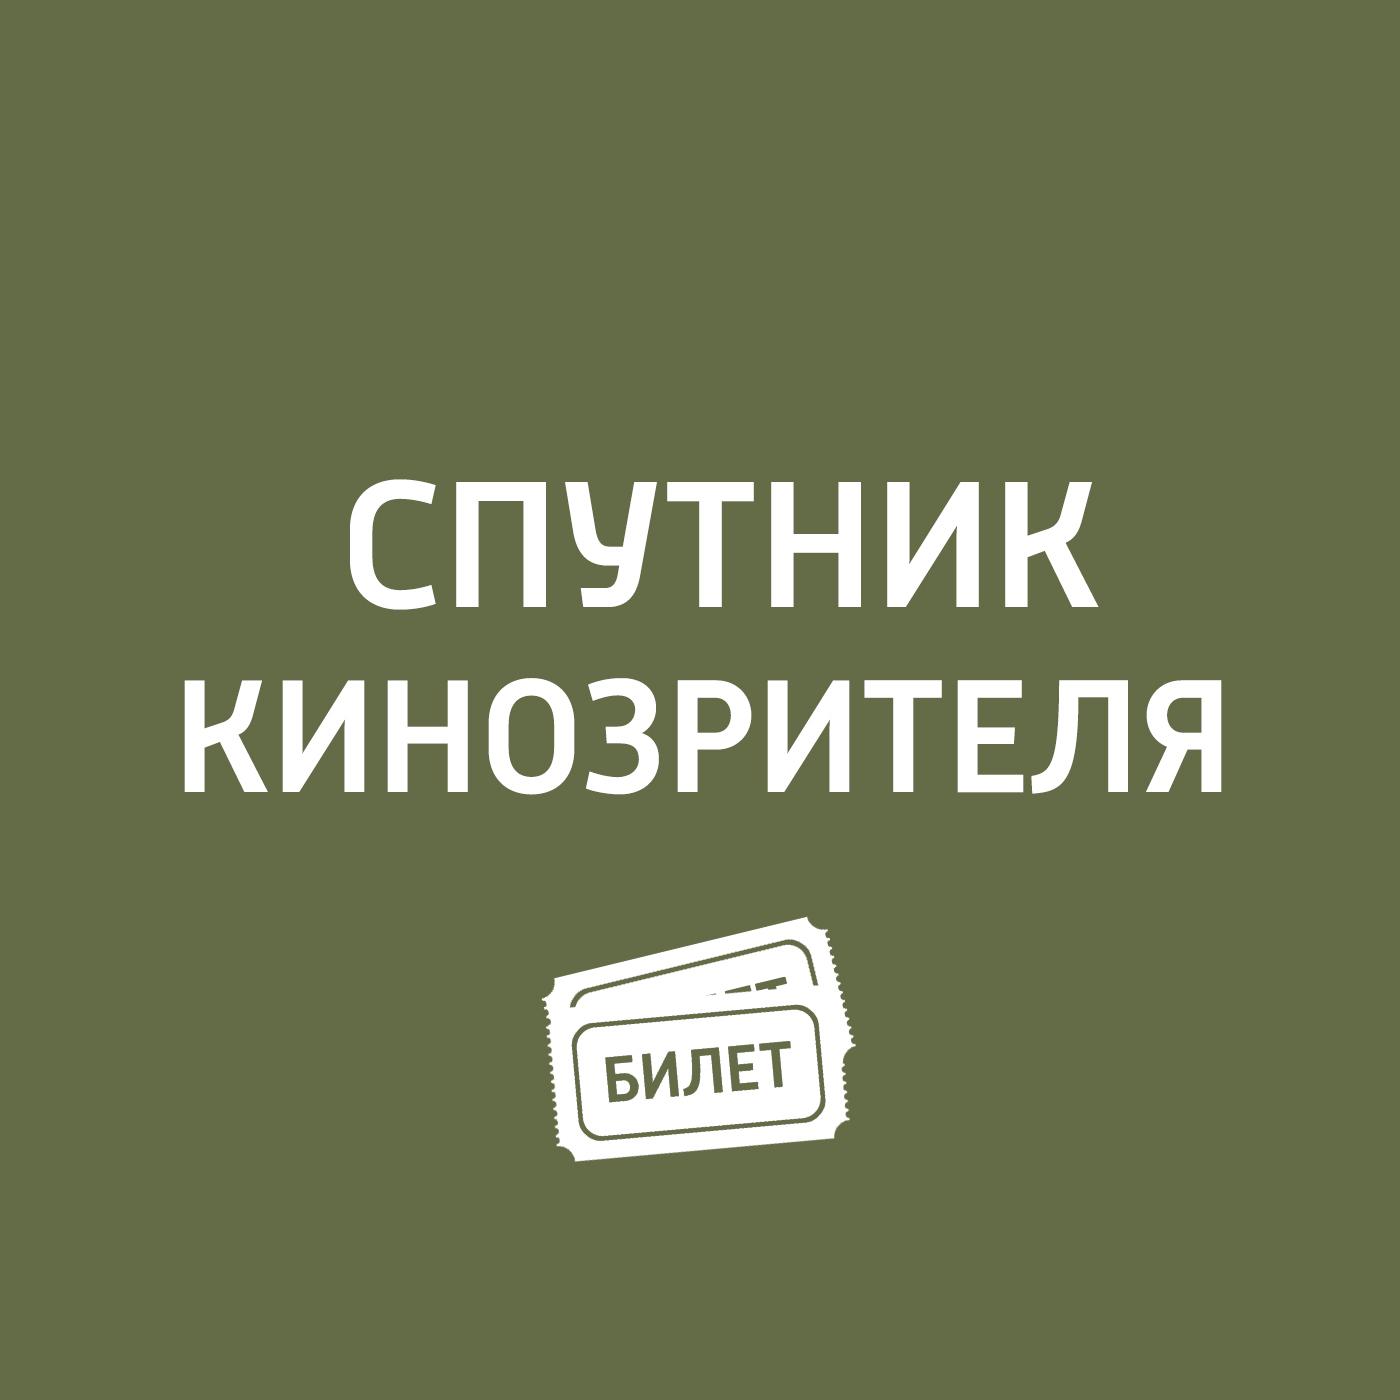 Антон Долин VA-банк, «Пленница, «Околофутбола